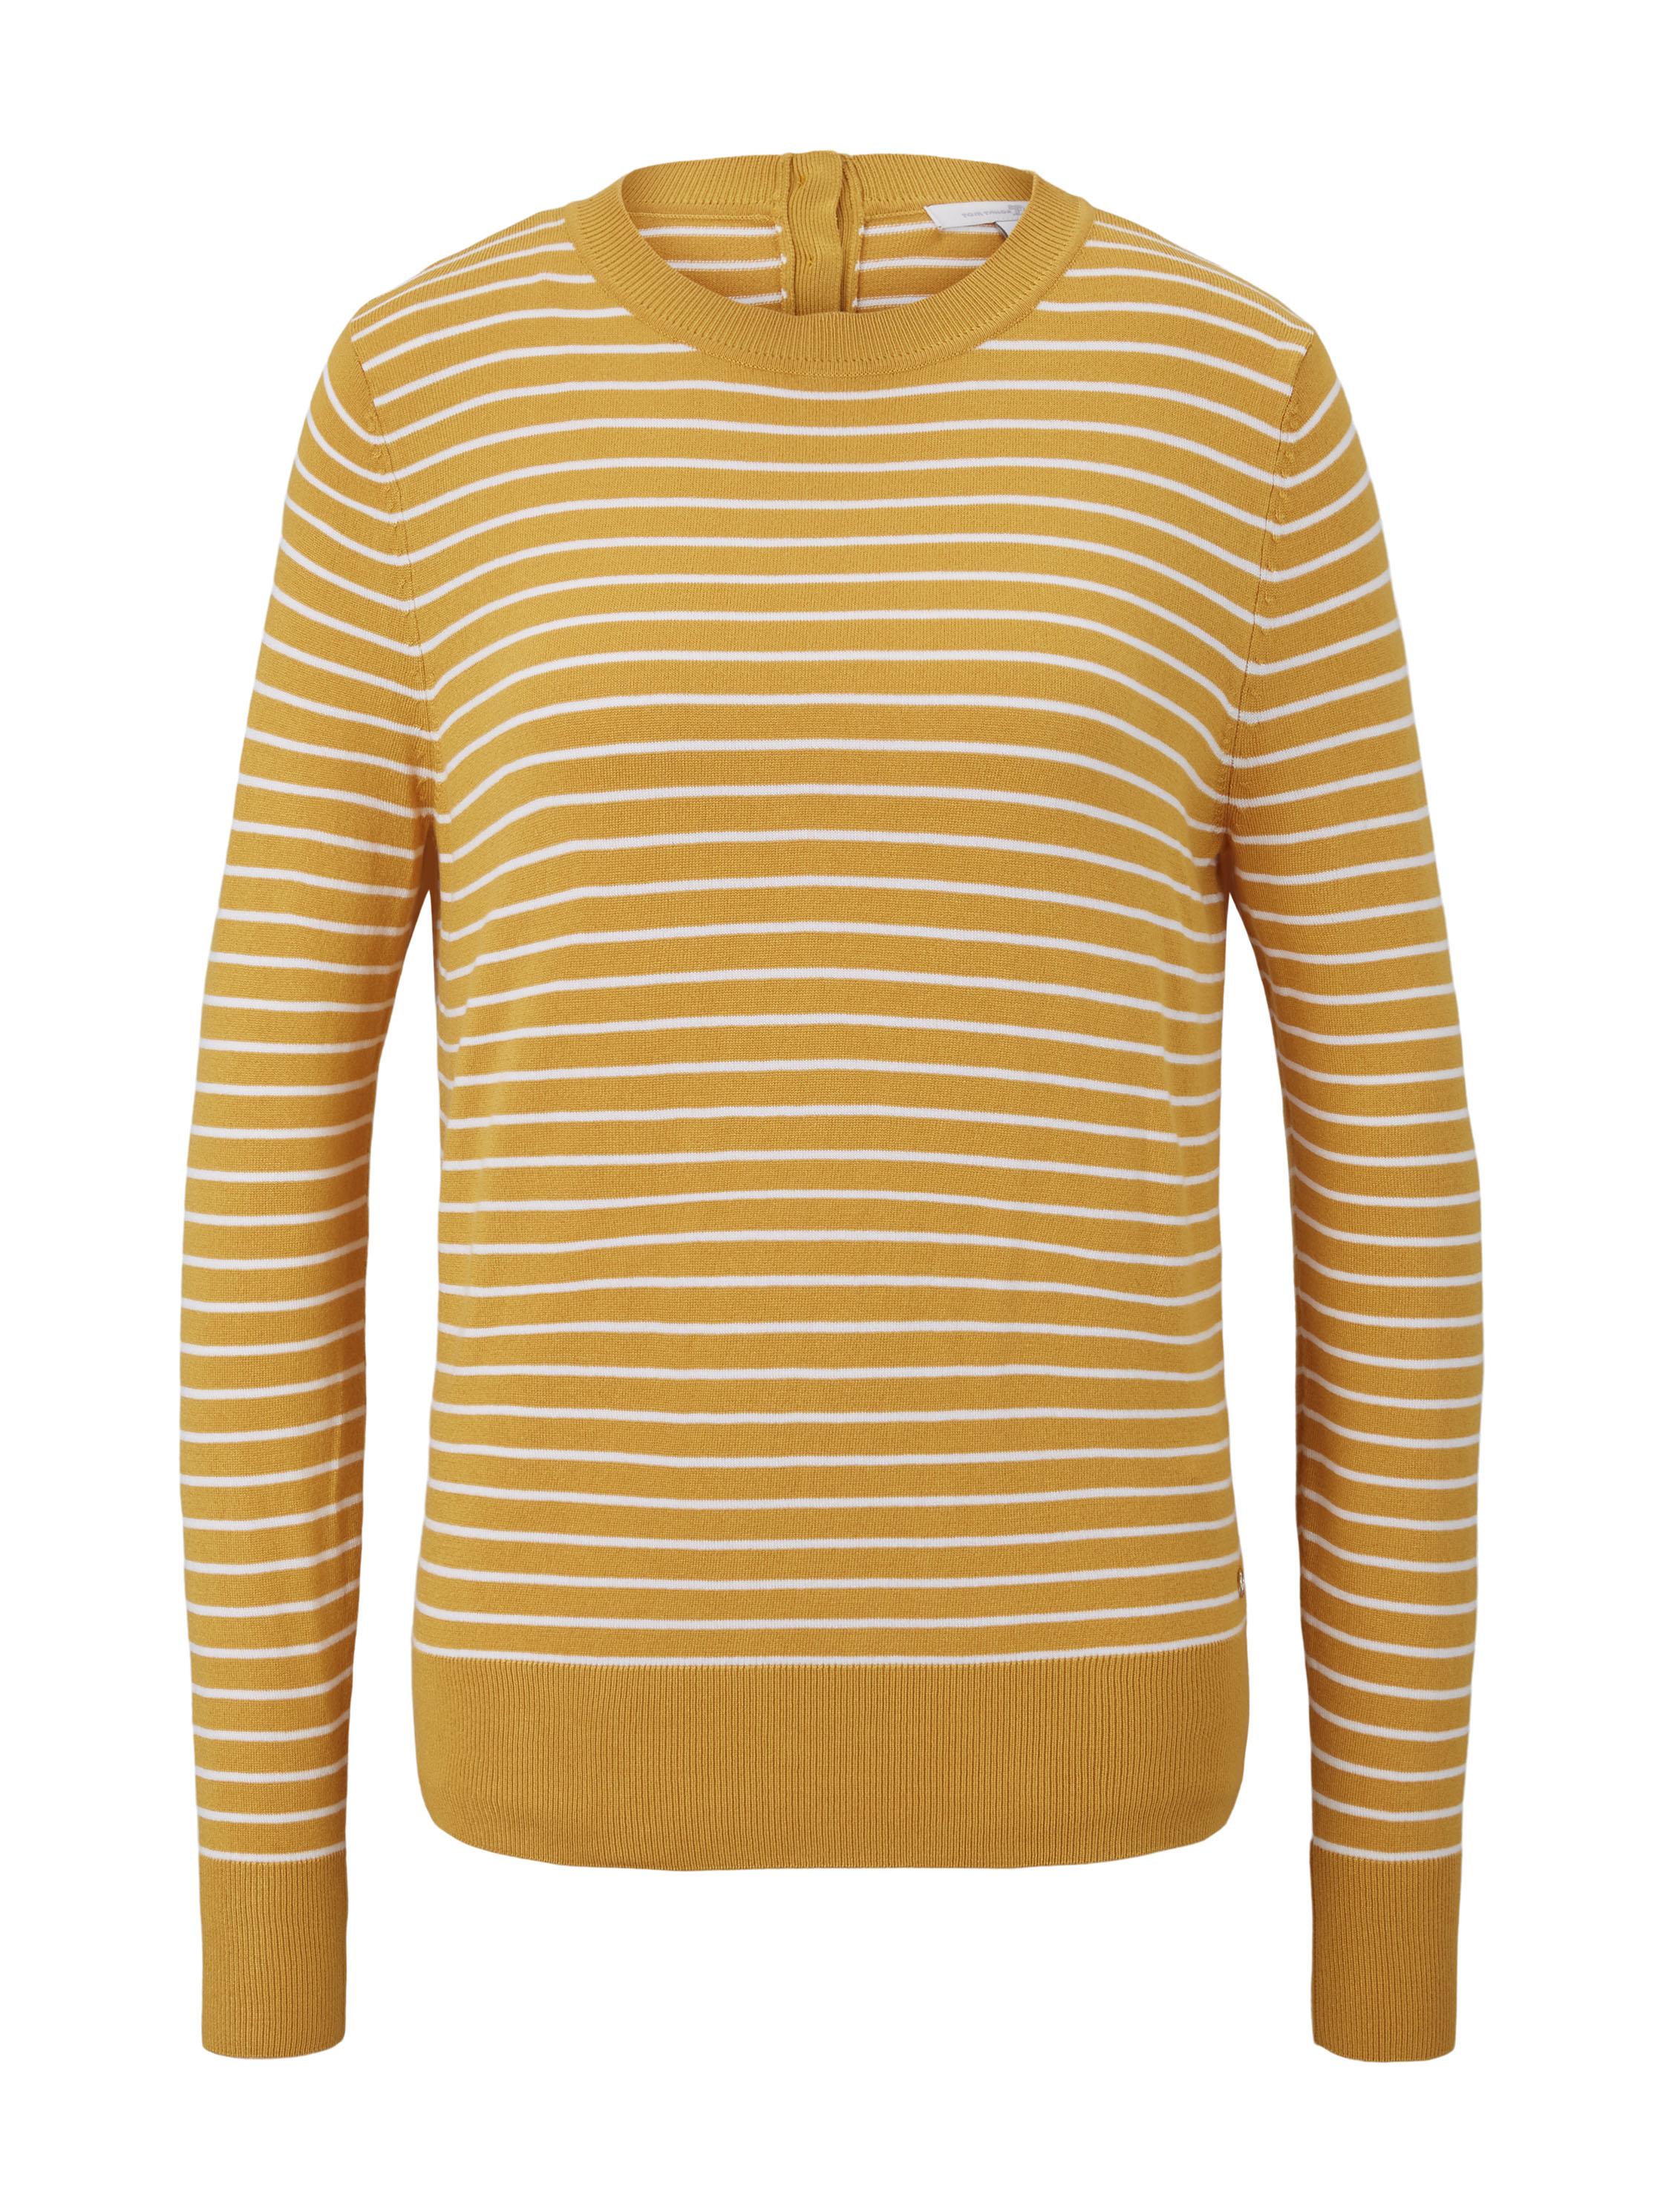 easy stripe pullover, yellow stripe                 Yello